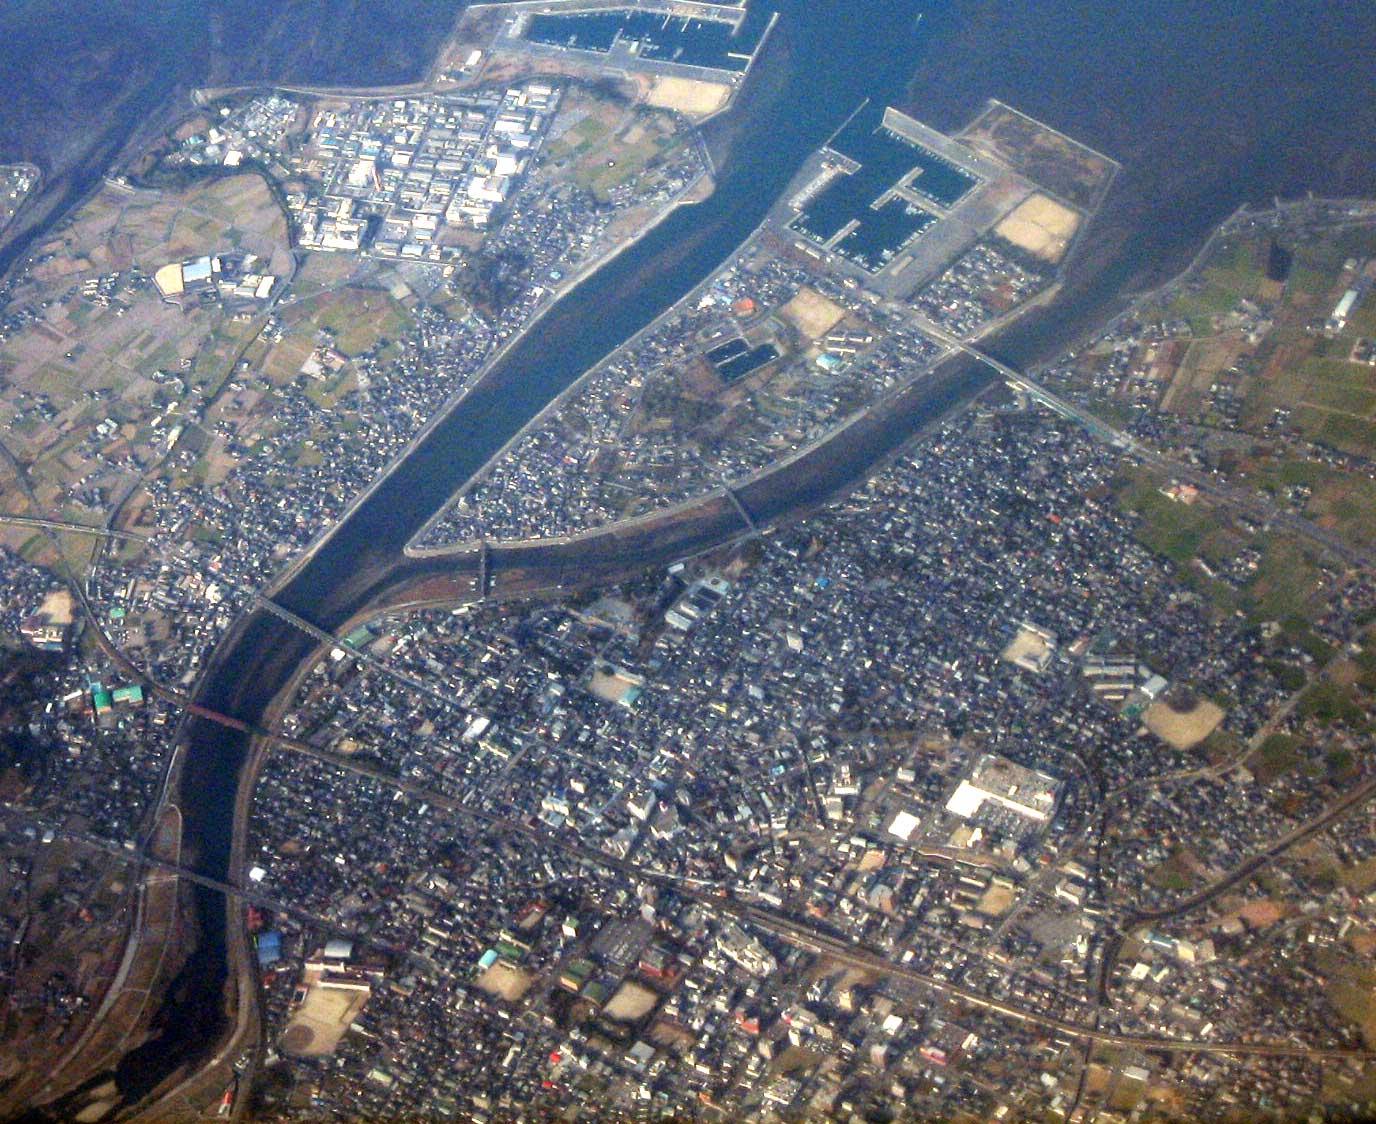 中津市 - Nakatsu, Ōita - JapaneseClass.jp